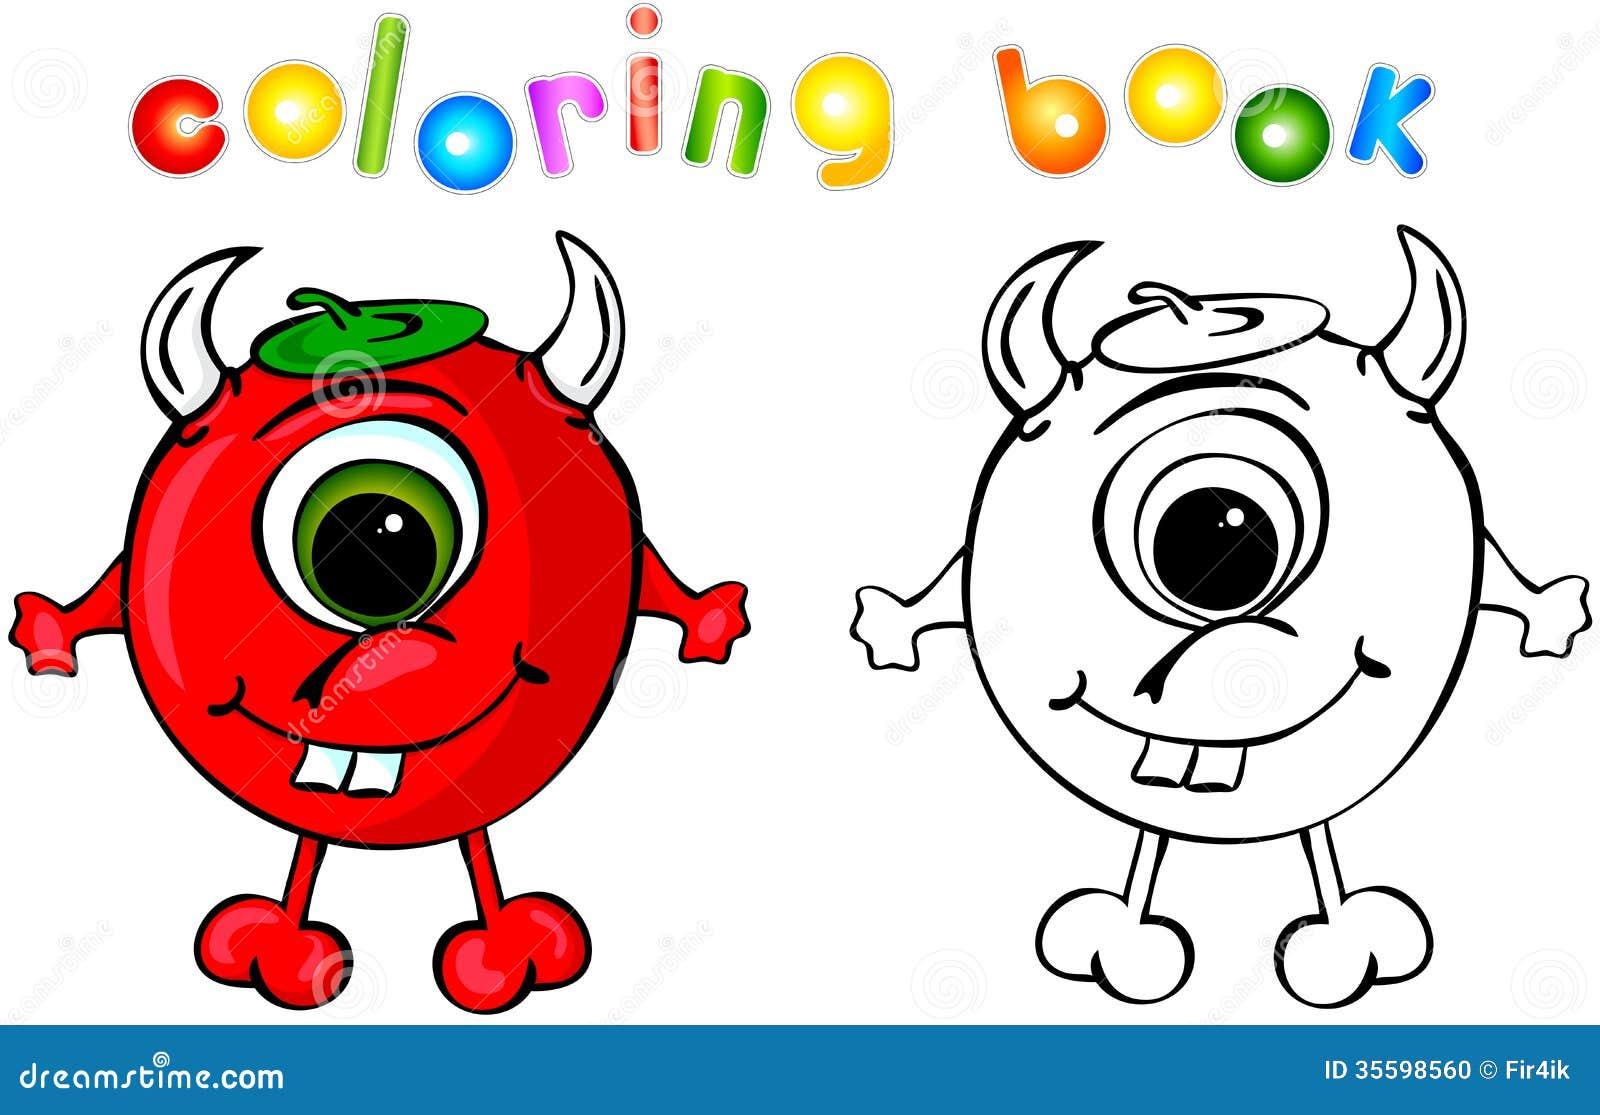 Diable de livre de coloriage illustration de vecteur illustration du adorable animal 35598560 - Coloriage de diable ...